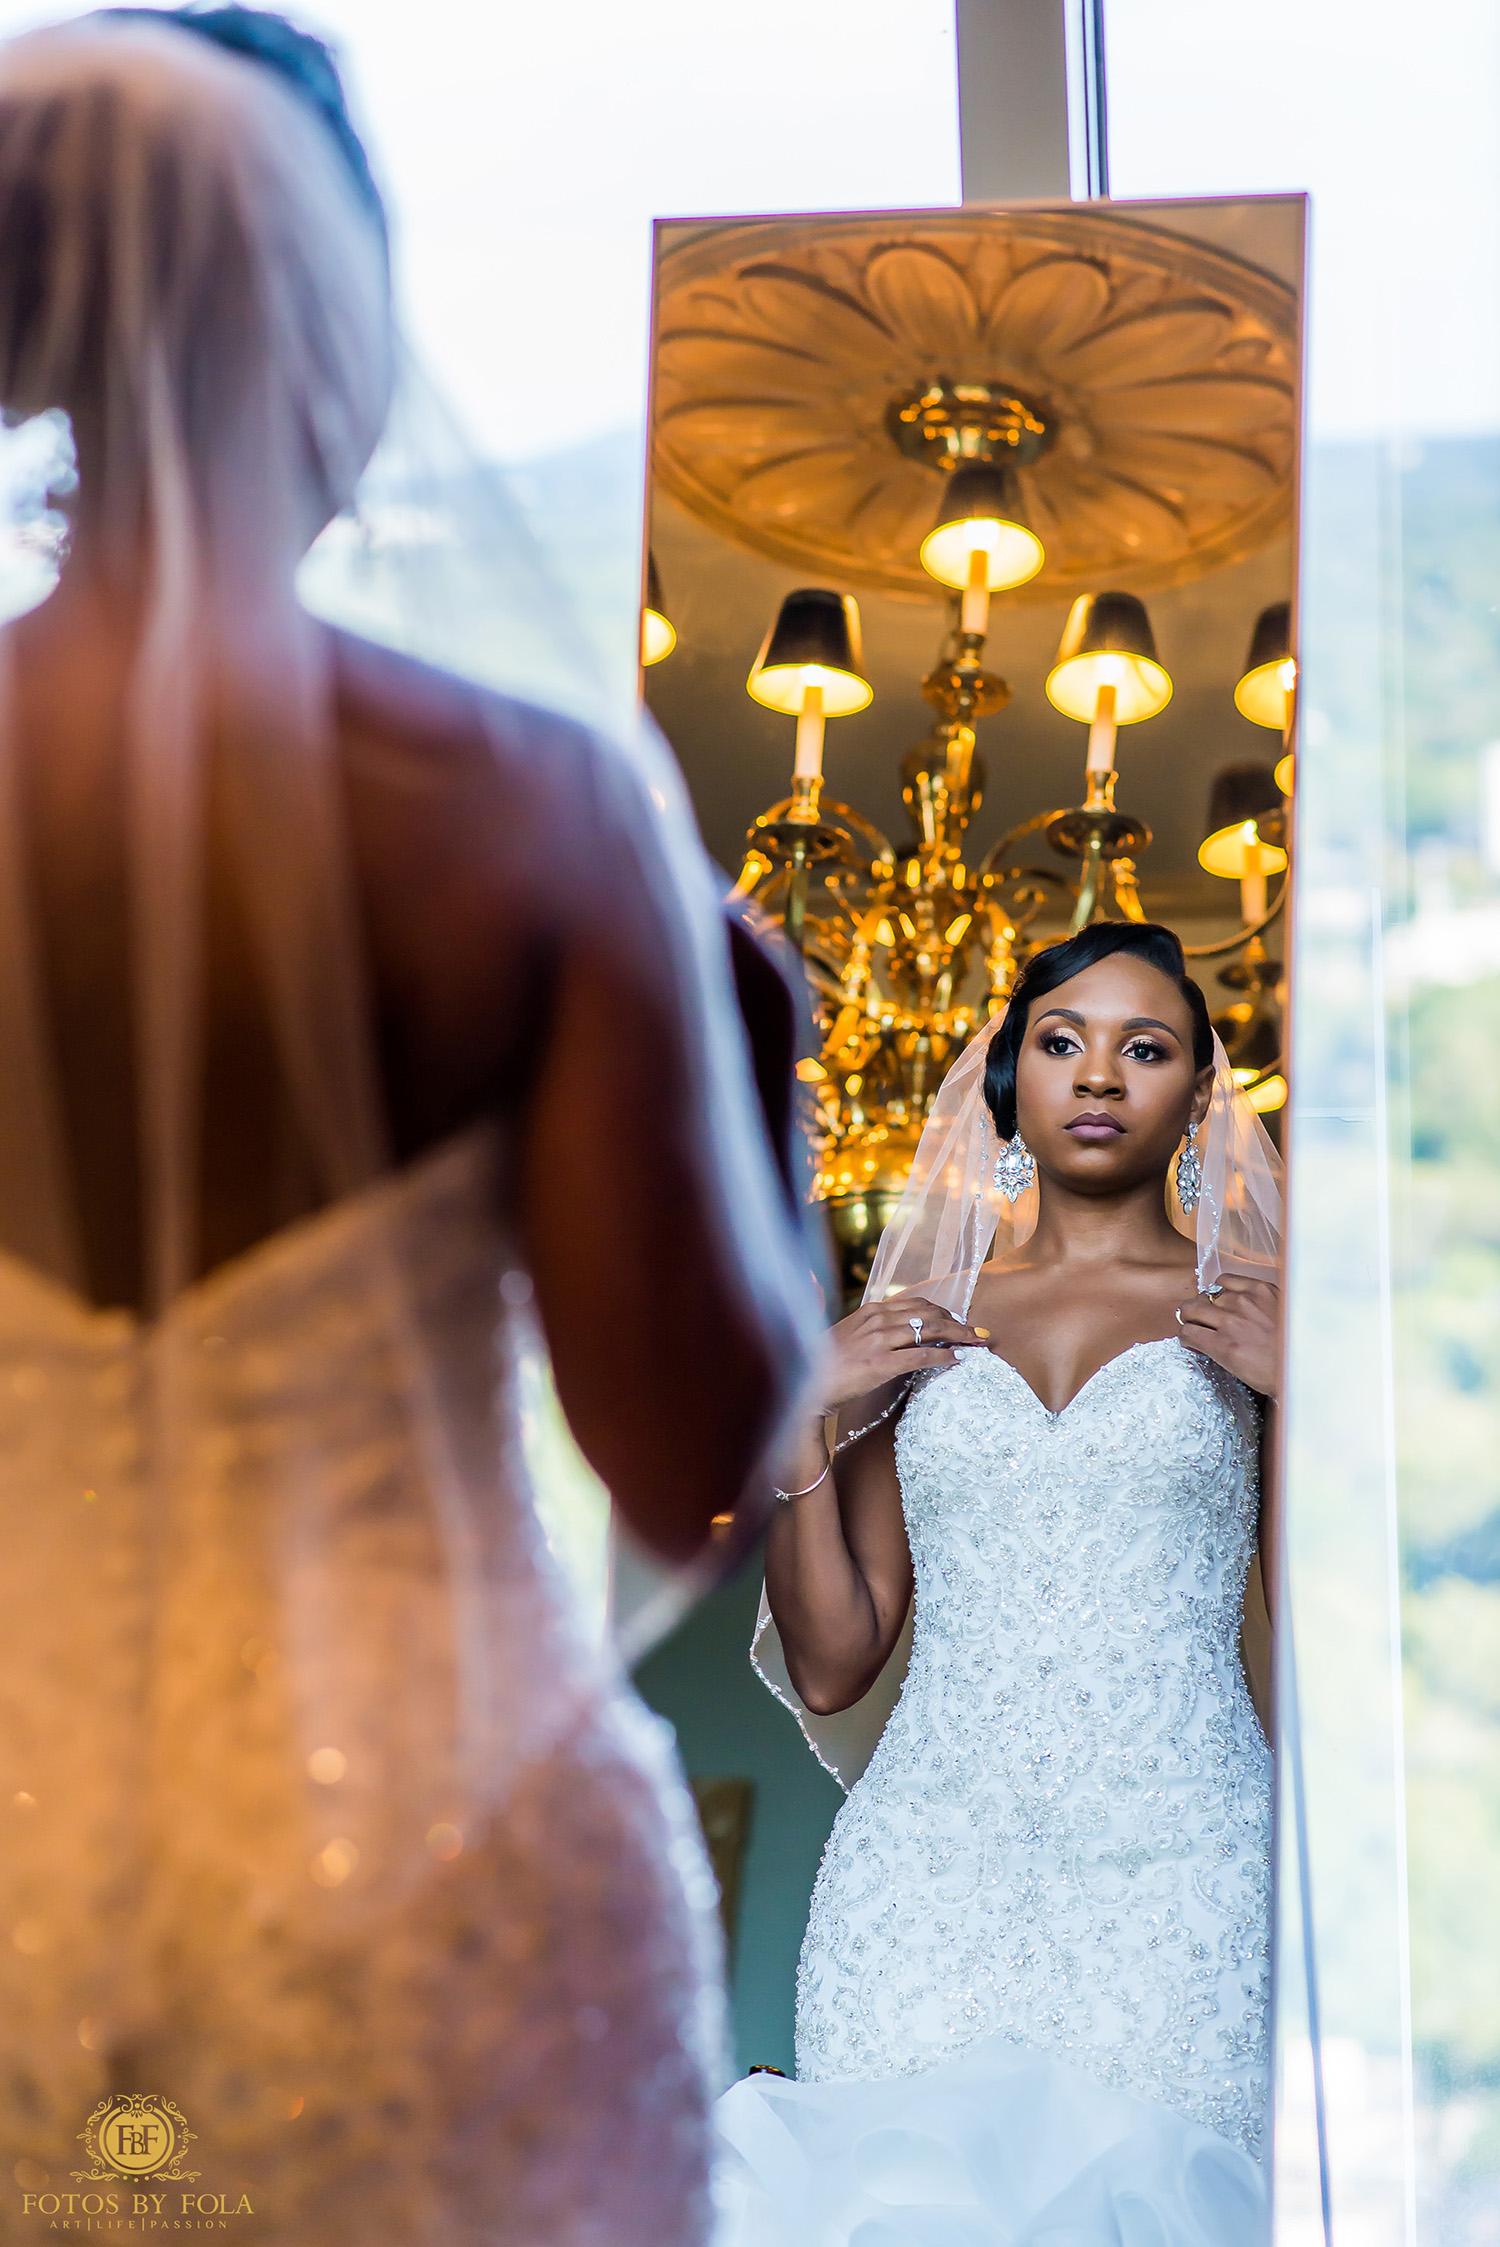 13. Fotos by Fola | Atlanta Wedding Photographer | Peachtree Club Wedding